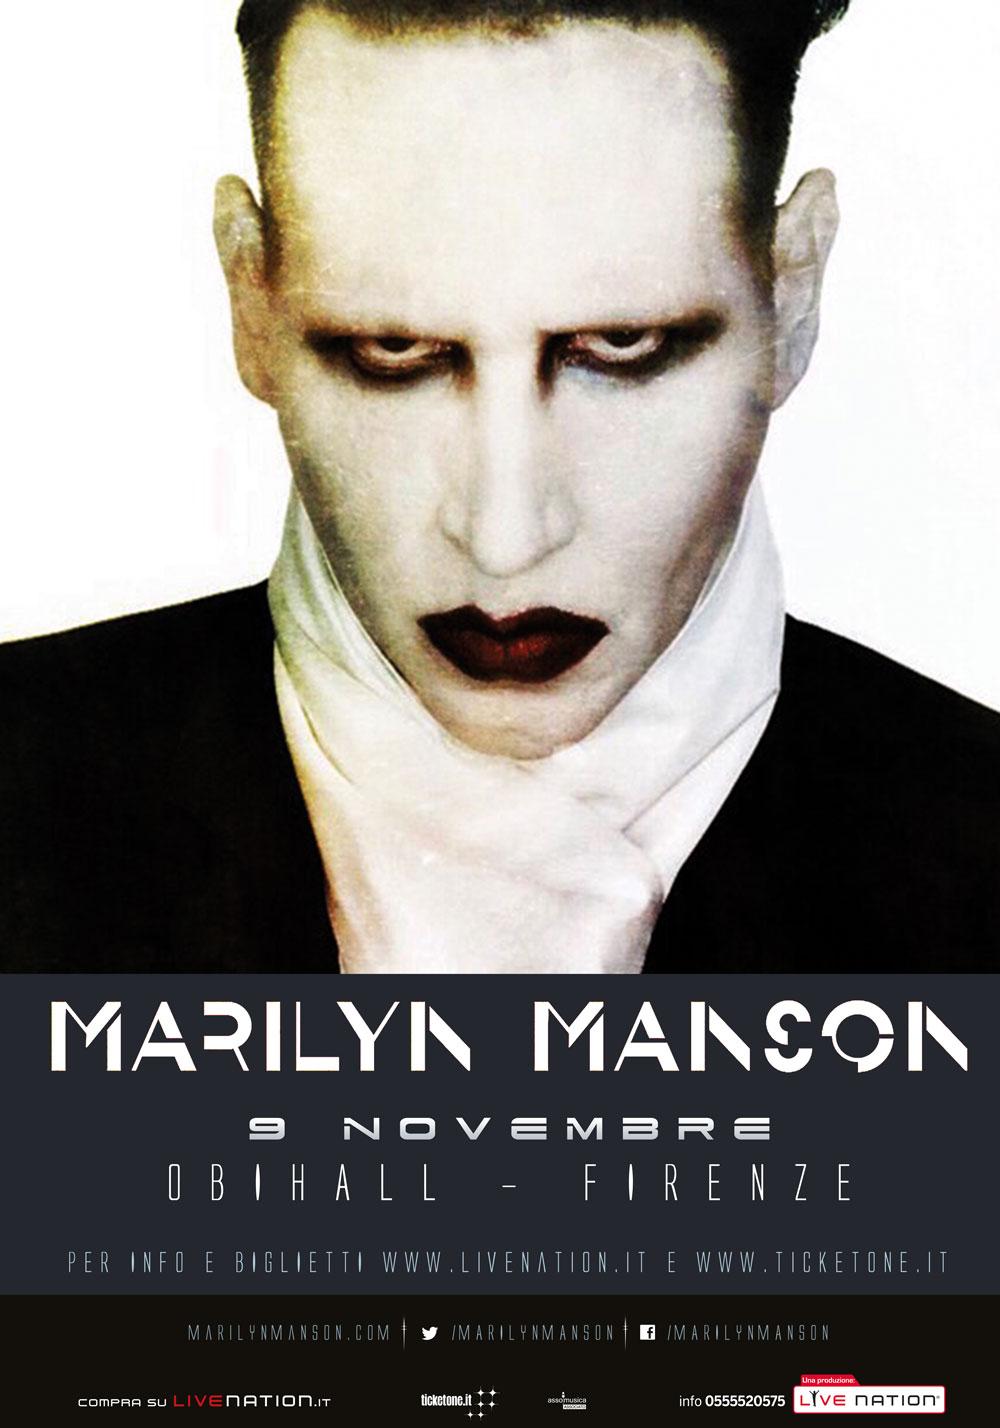 Marilyn Manson in Italia il 9 novembre a firenze